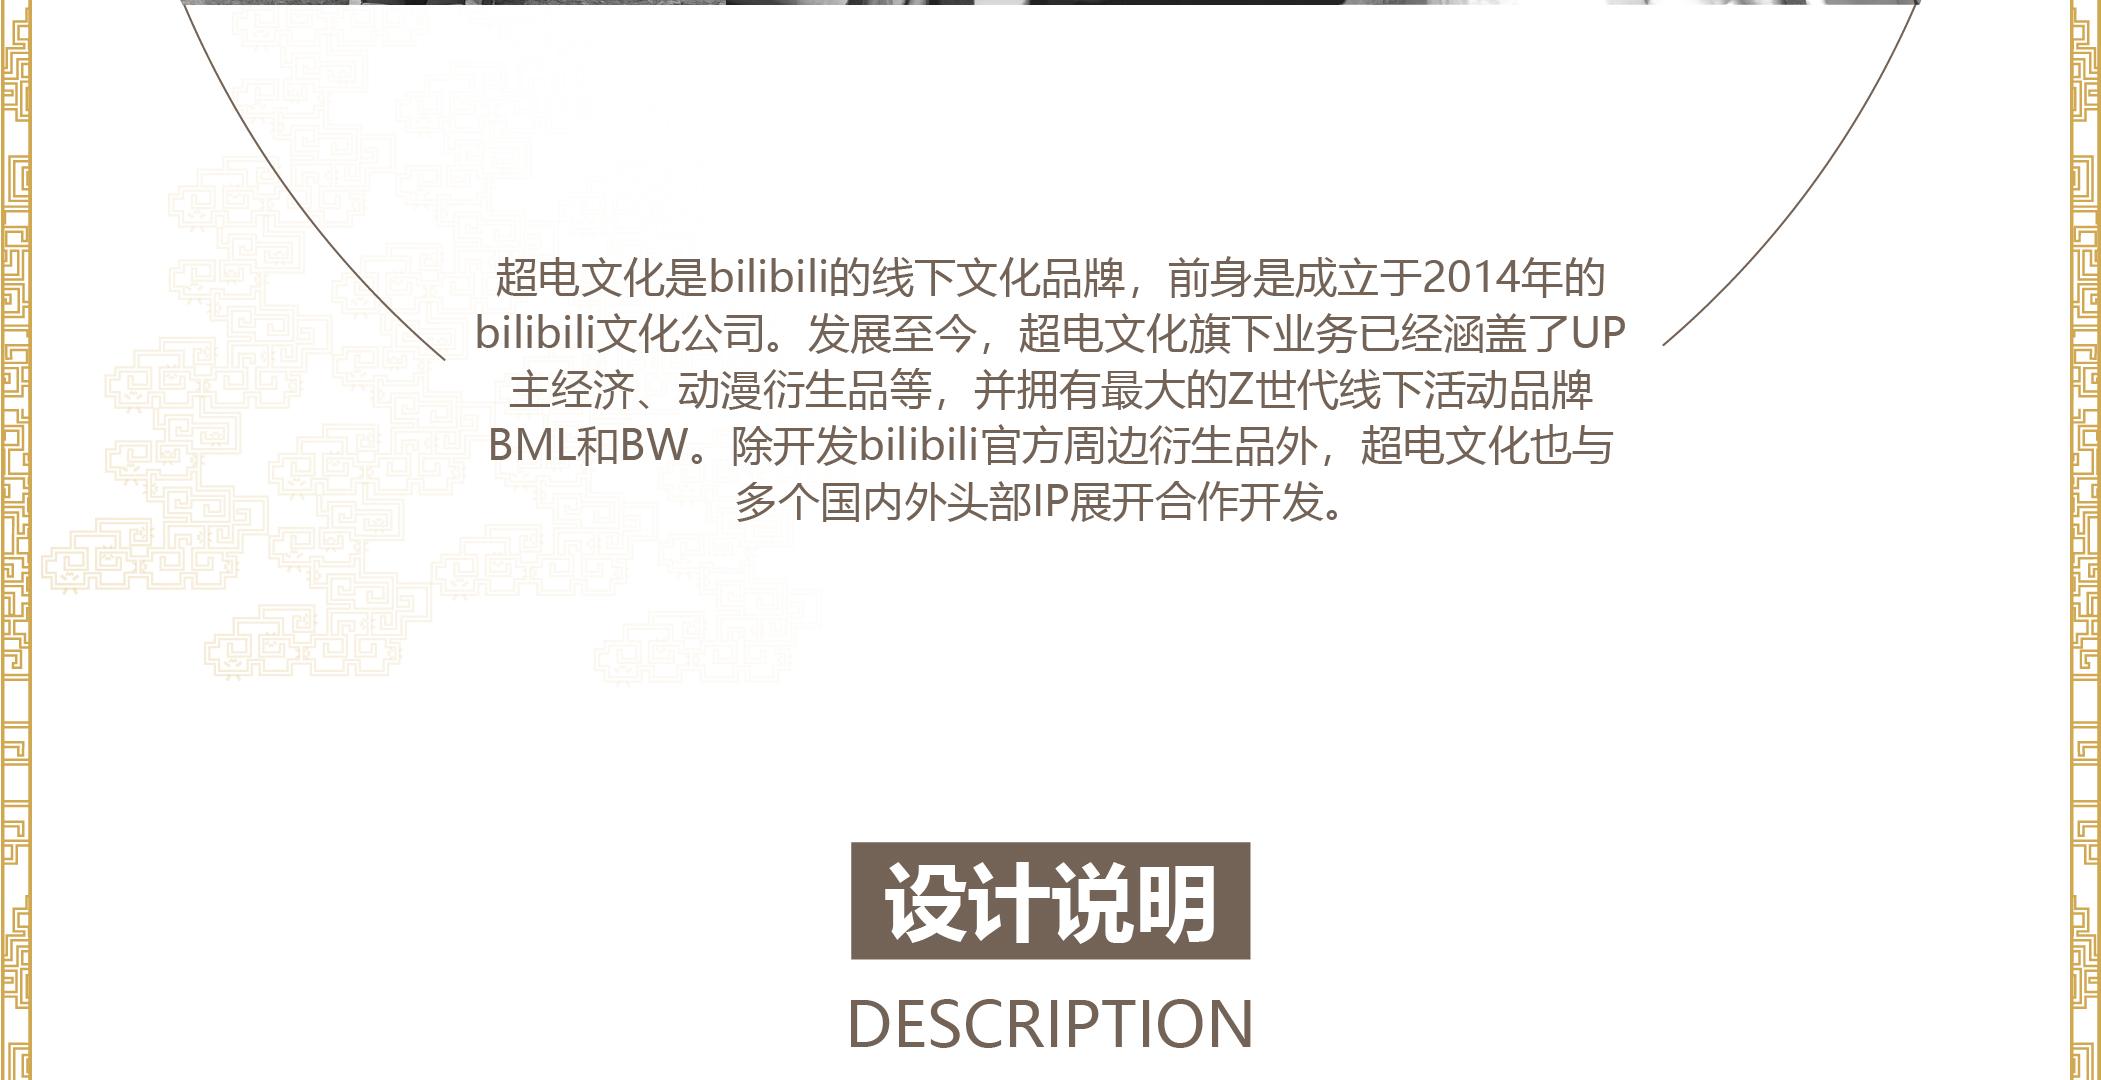 长图详情-03.jpg